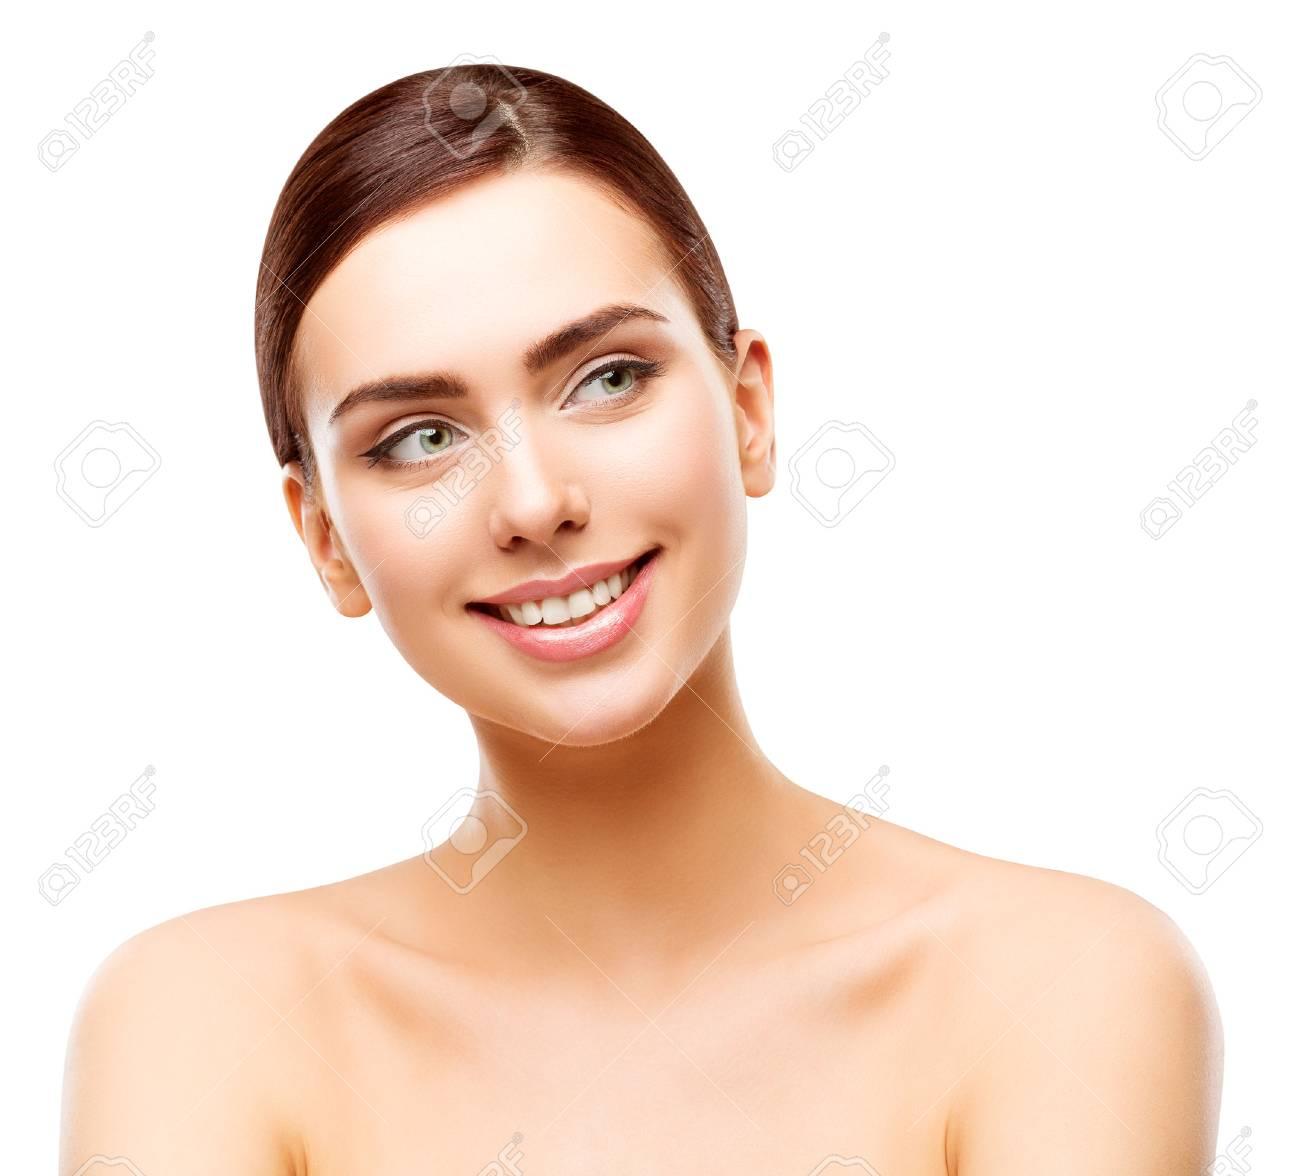 Banque Dimages Peau De Visage Beaute Femme Heureuse Modele Souriant A La Recherche De Cote Maquillage Belle Fille Blanc Isole